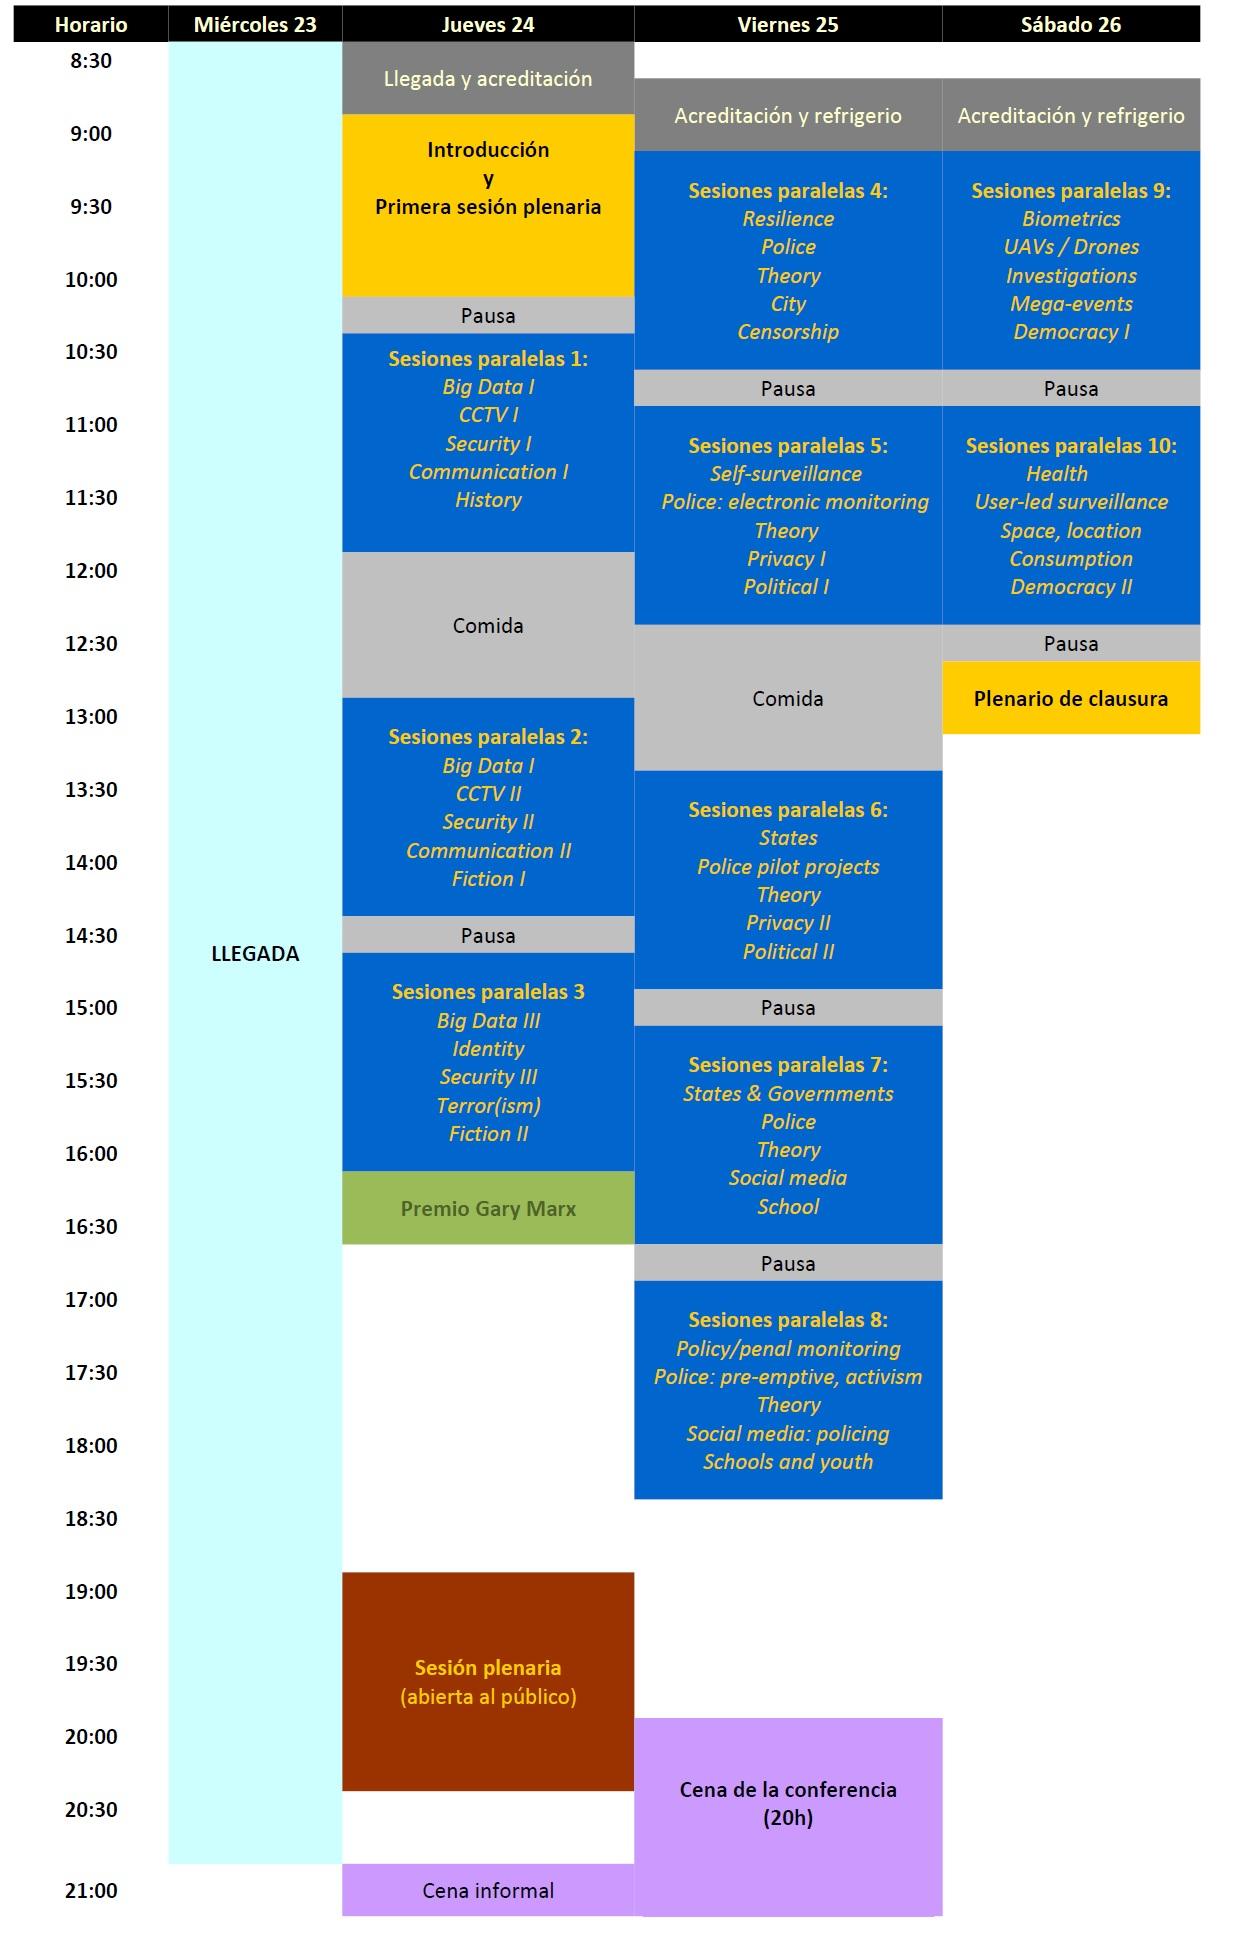 horario (cast)